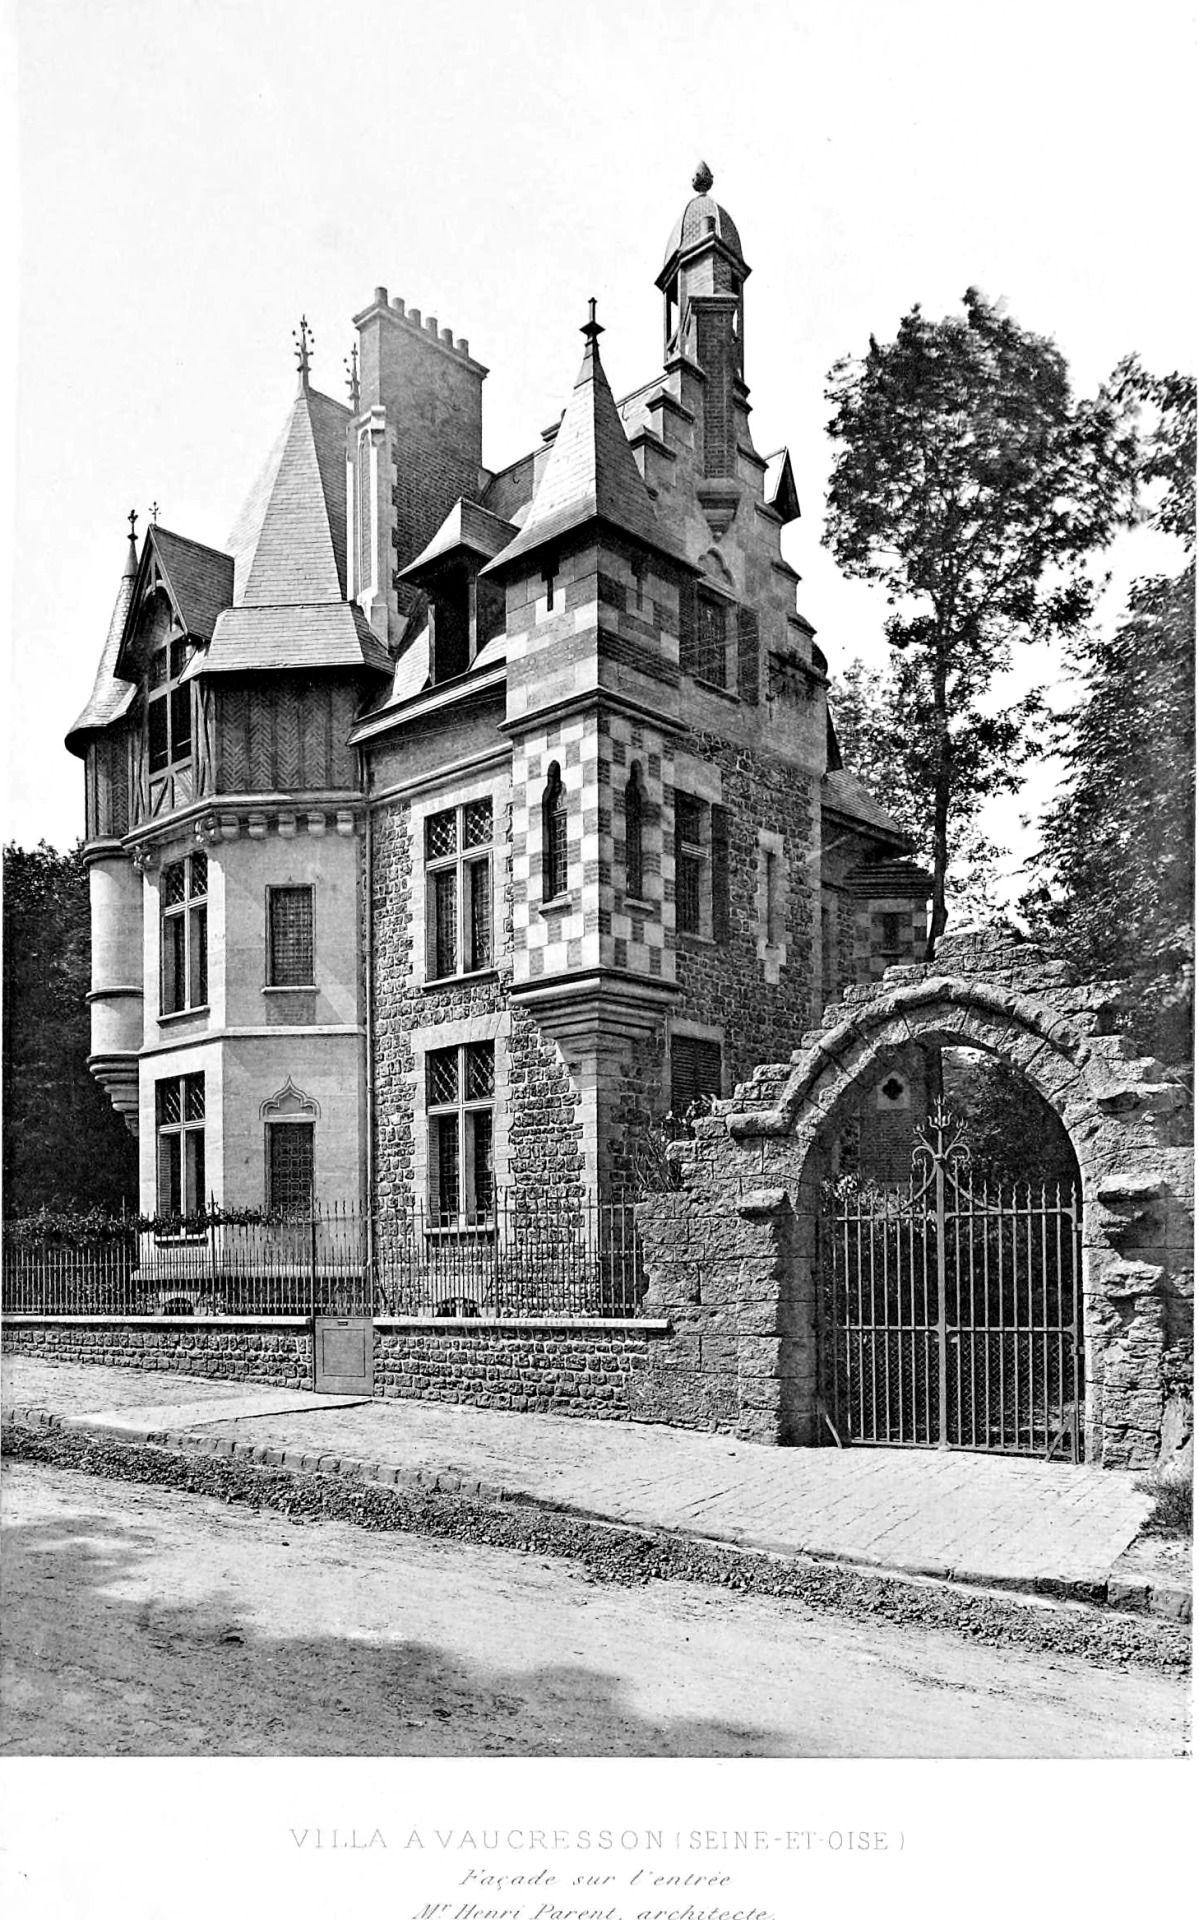 Villa vaucresson maisons de banlieue du xixi me si cle for Belle architecture villa